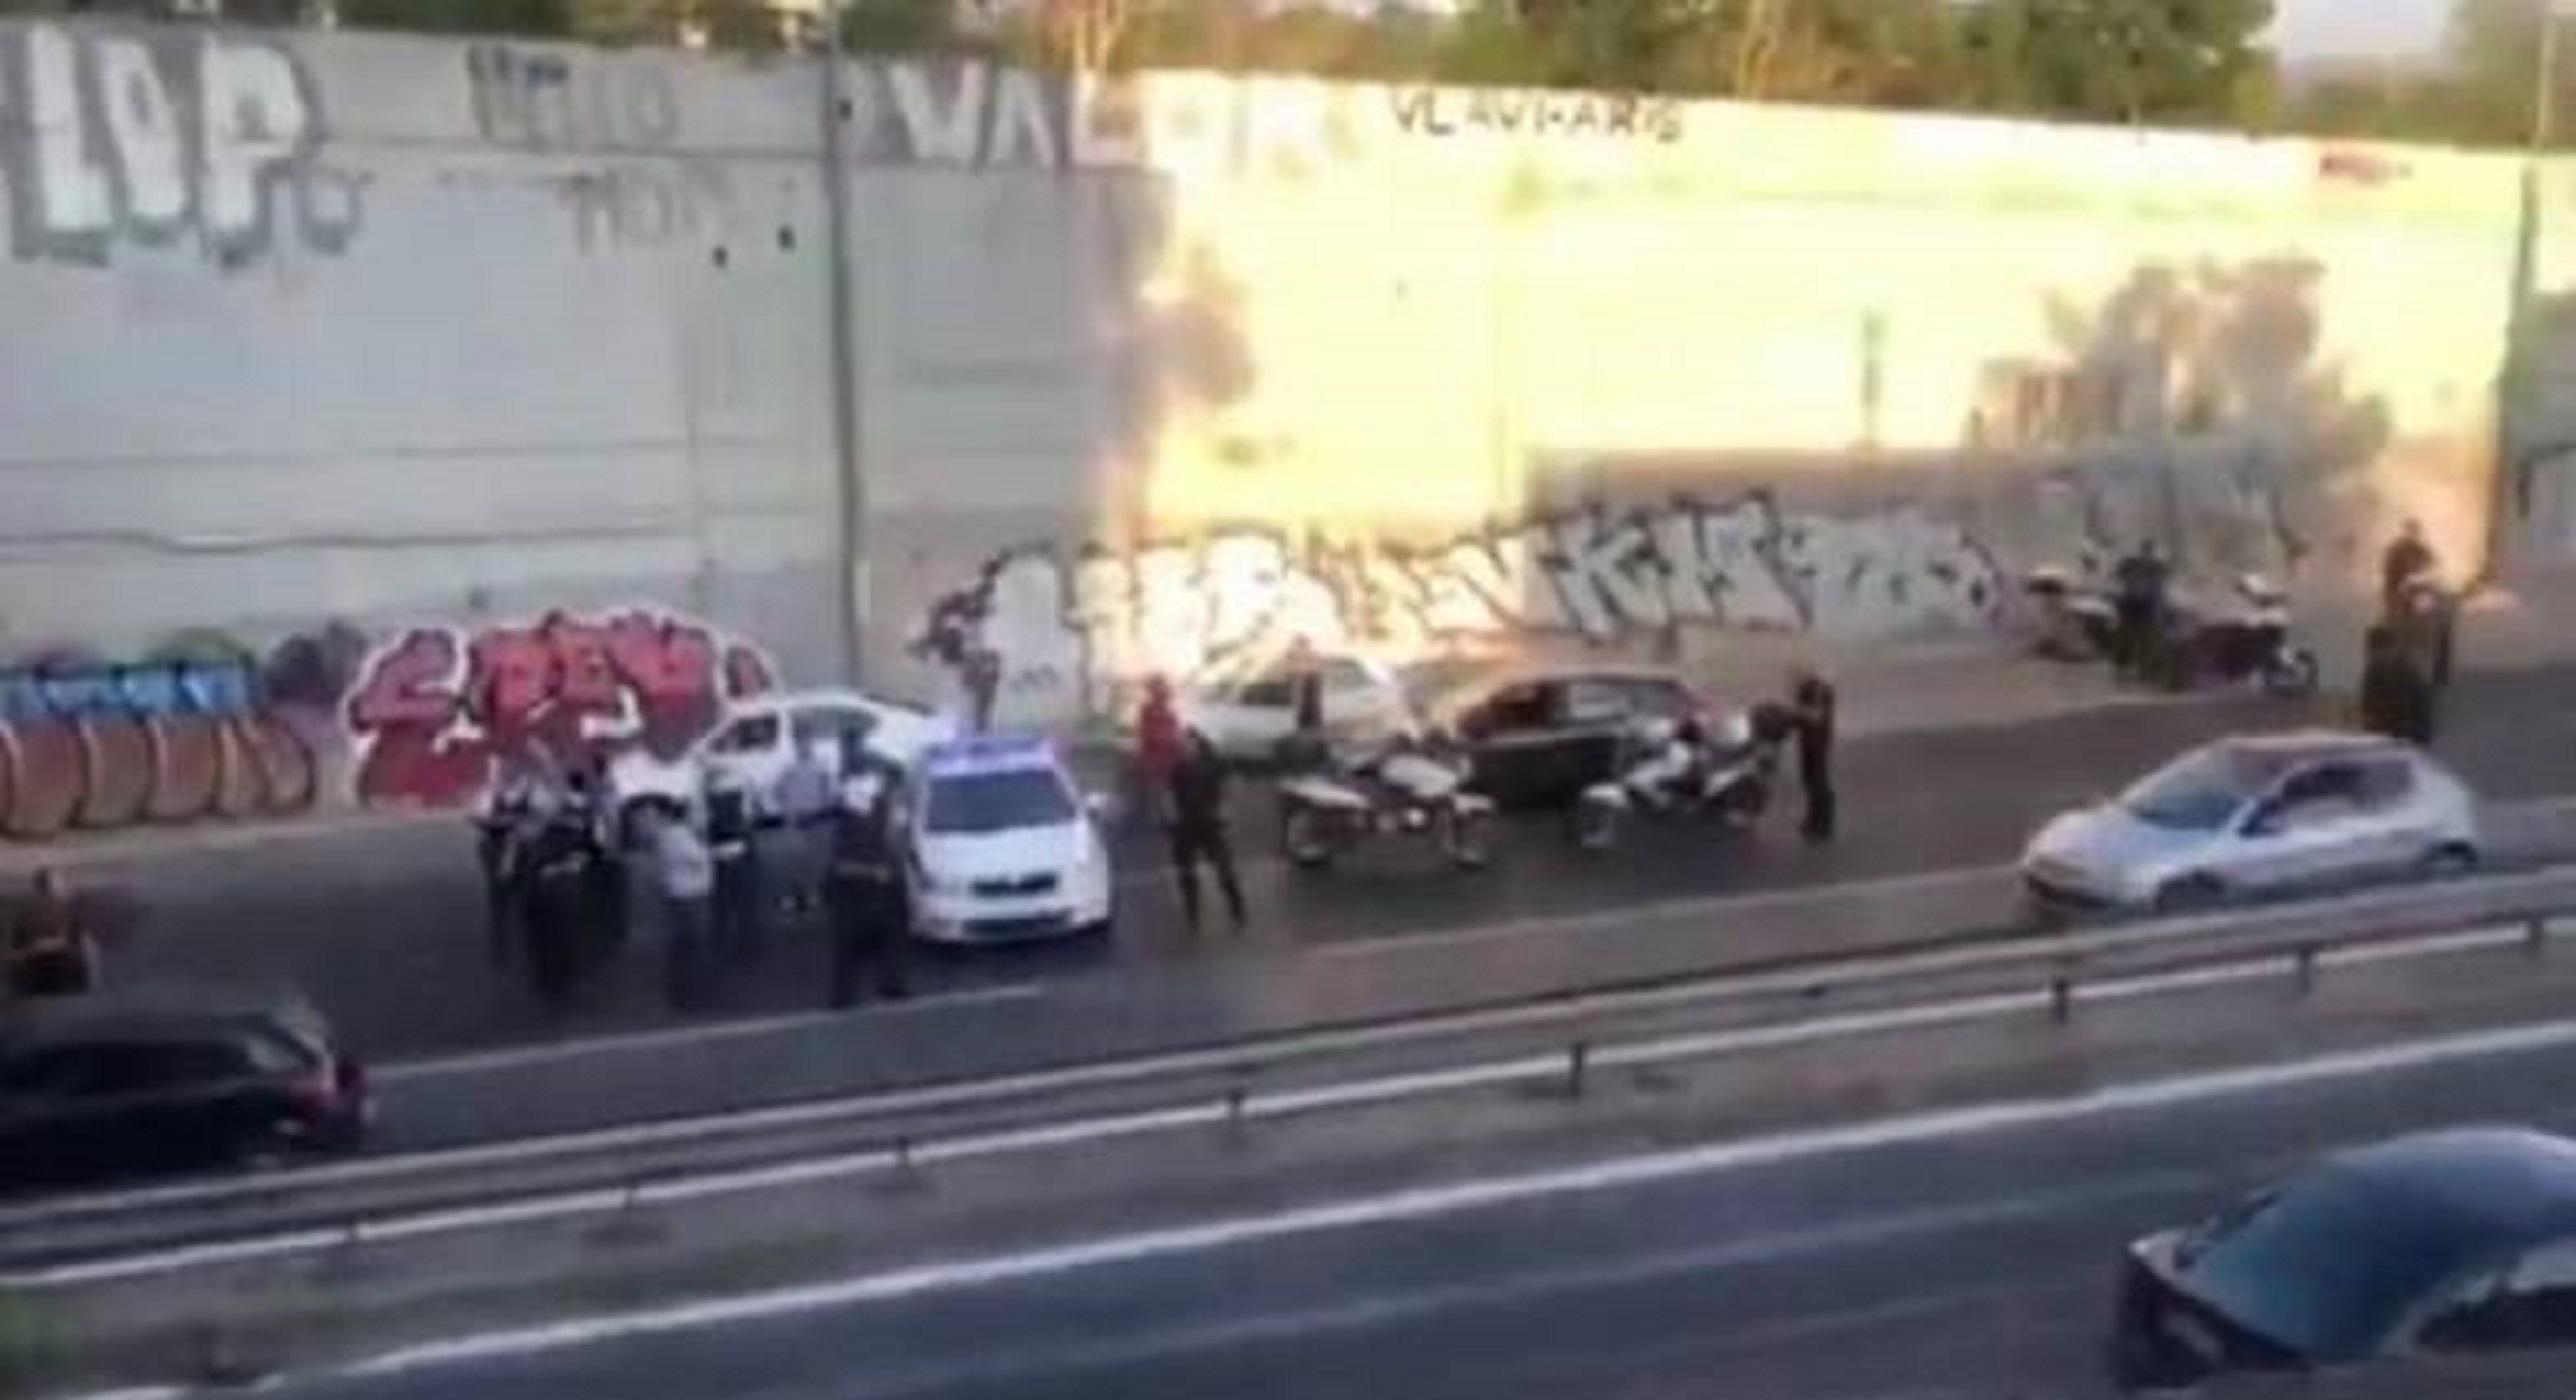 Αίγιο: Πήδηξε από γέφυρα της εθνικής οδού για να δώσει τέλος στη ζωή του!